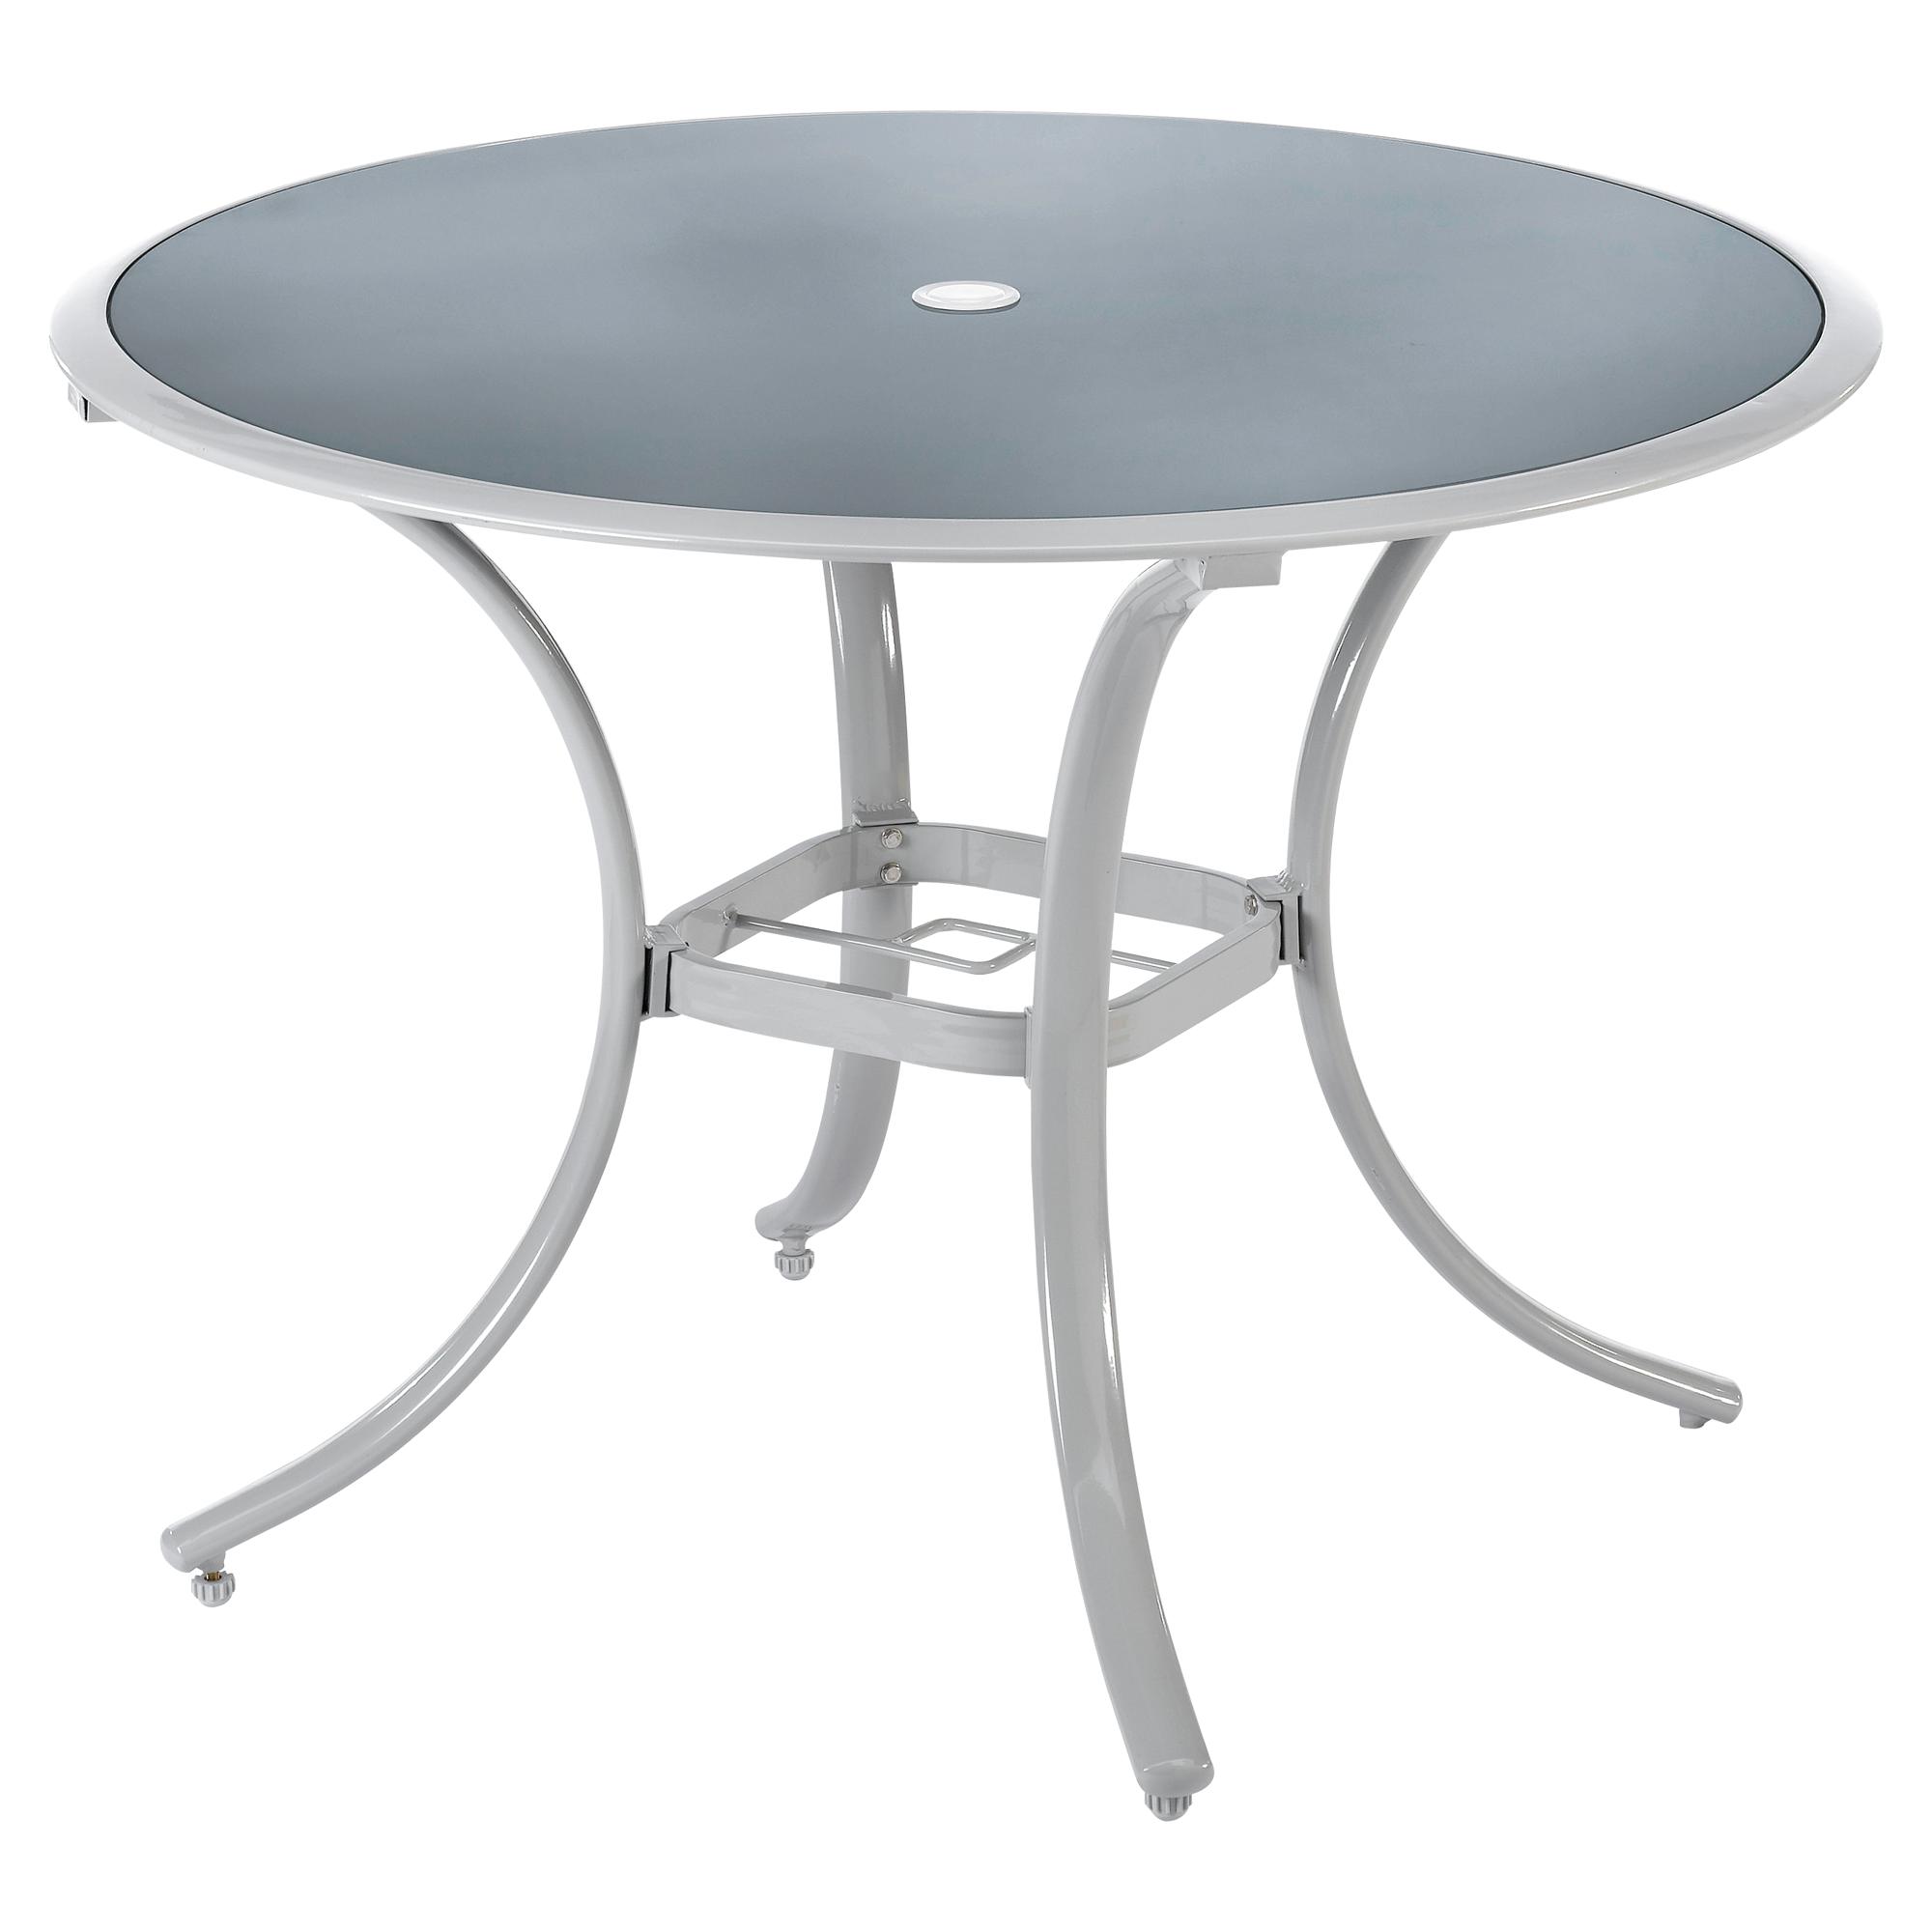 Gartentisch 1 20 M Gartentisch Mexico X Aluminium Milchglas With